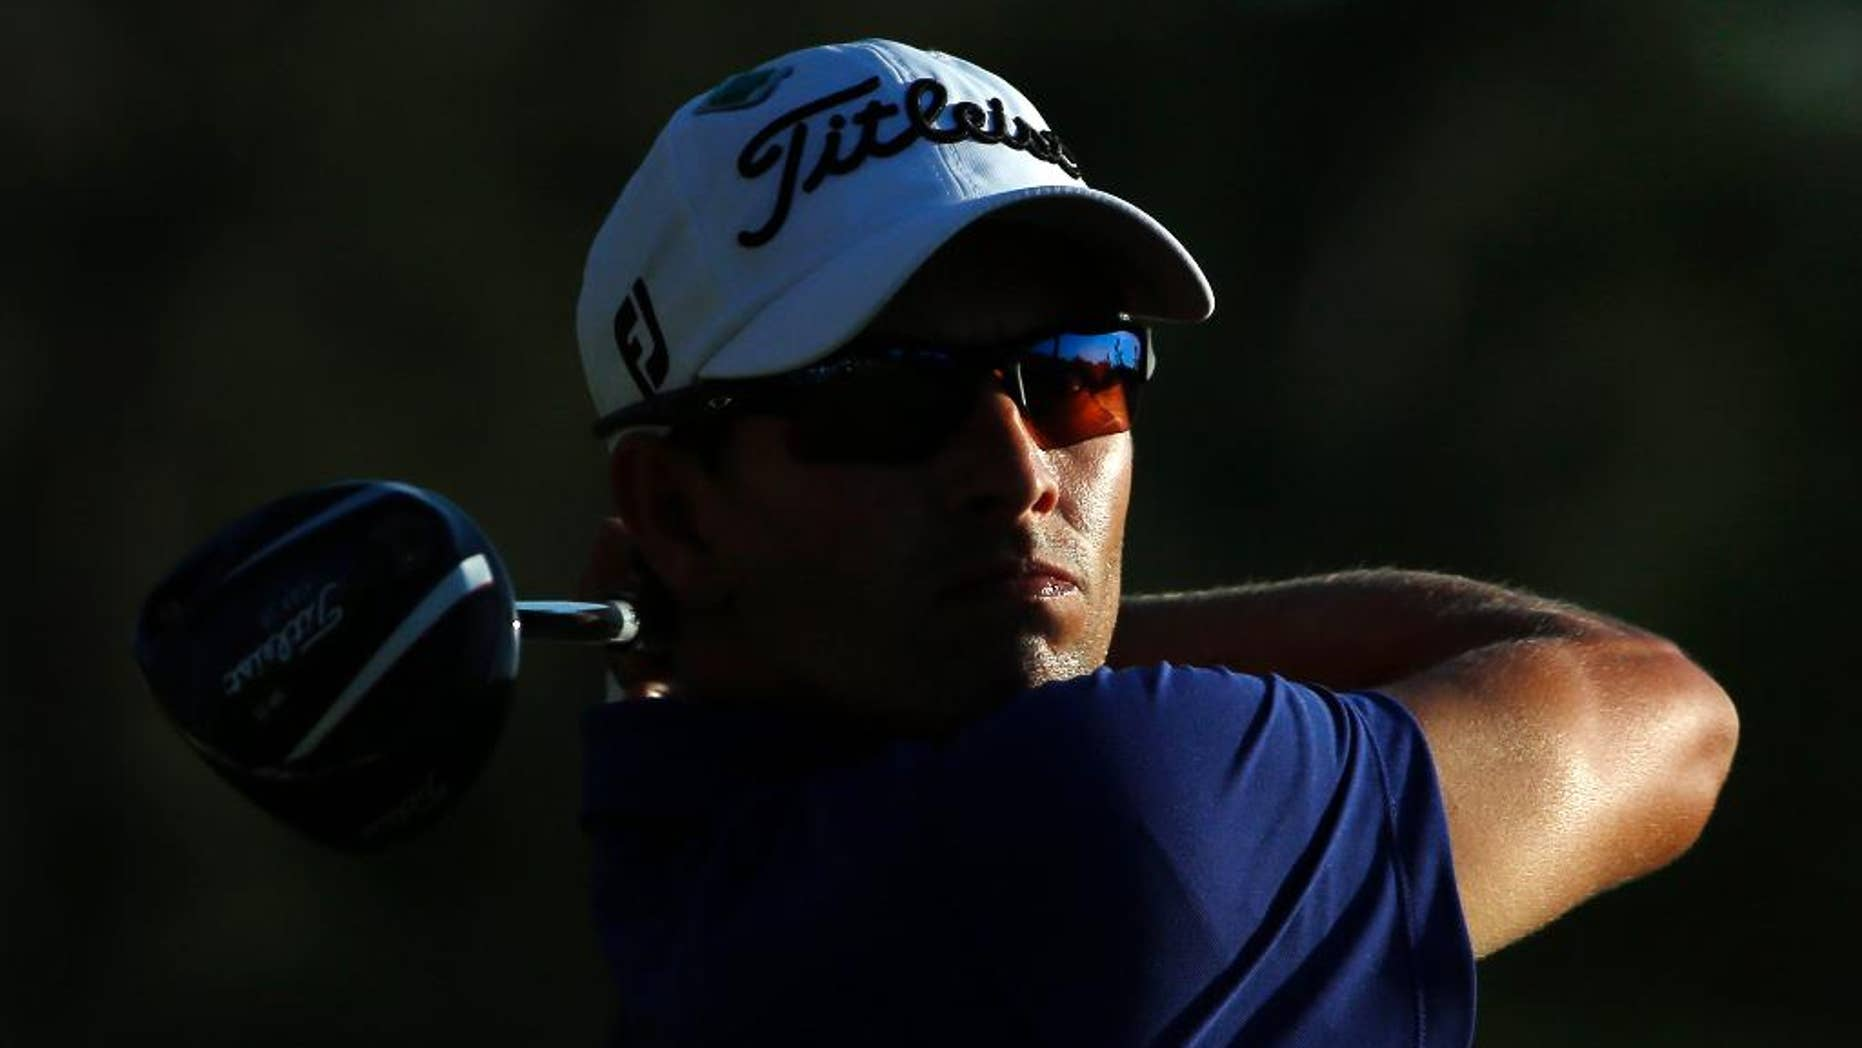 Adam Scott, of Australia, tees off during the third round of the Masters golf tournament Saturday, April 12, 2014, in Augusta, Ga. (AP Photo/David J. Phillip)